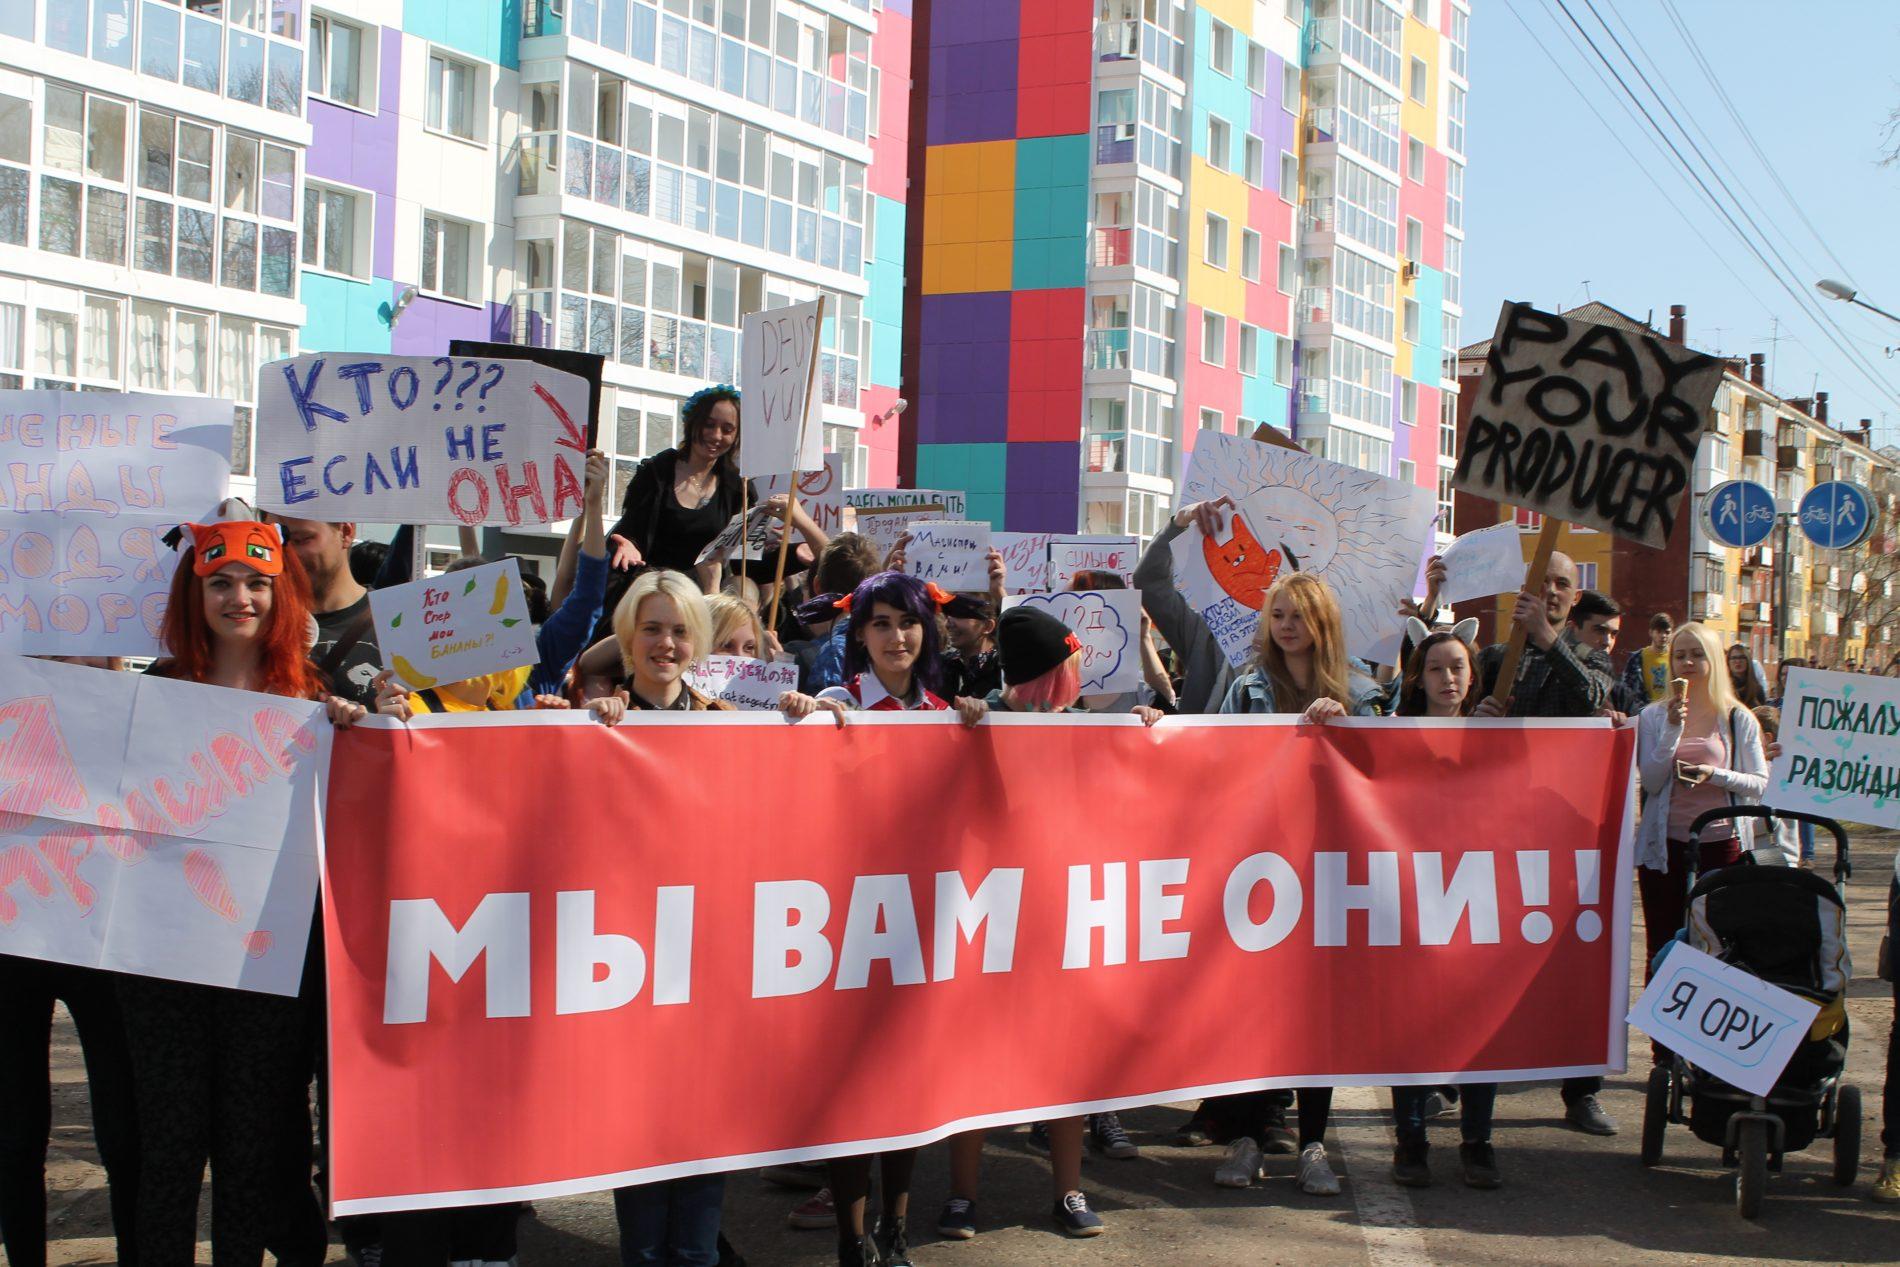 Правозащитники потребовали увеличить количество мест для массовых мероприятий в Могилеве